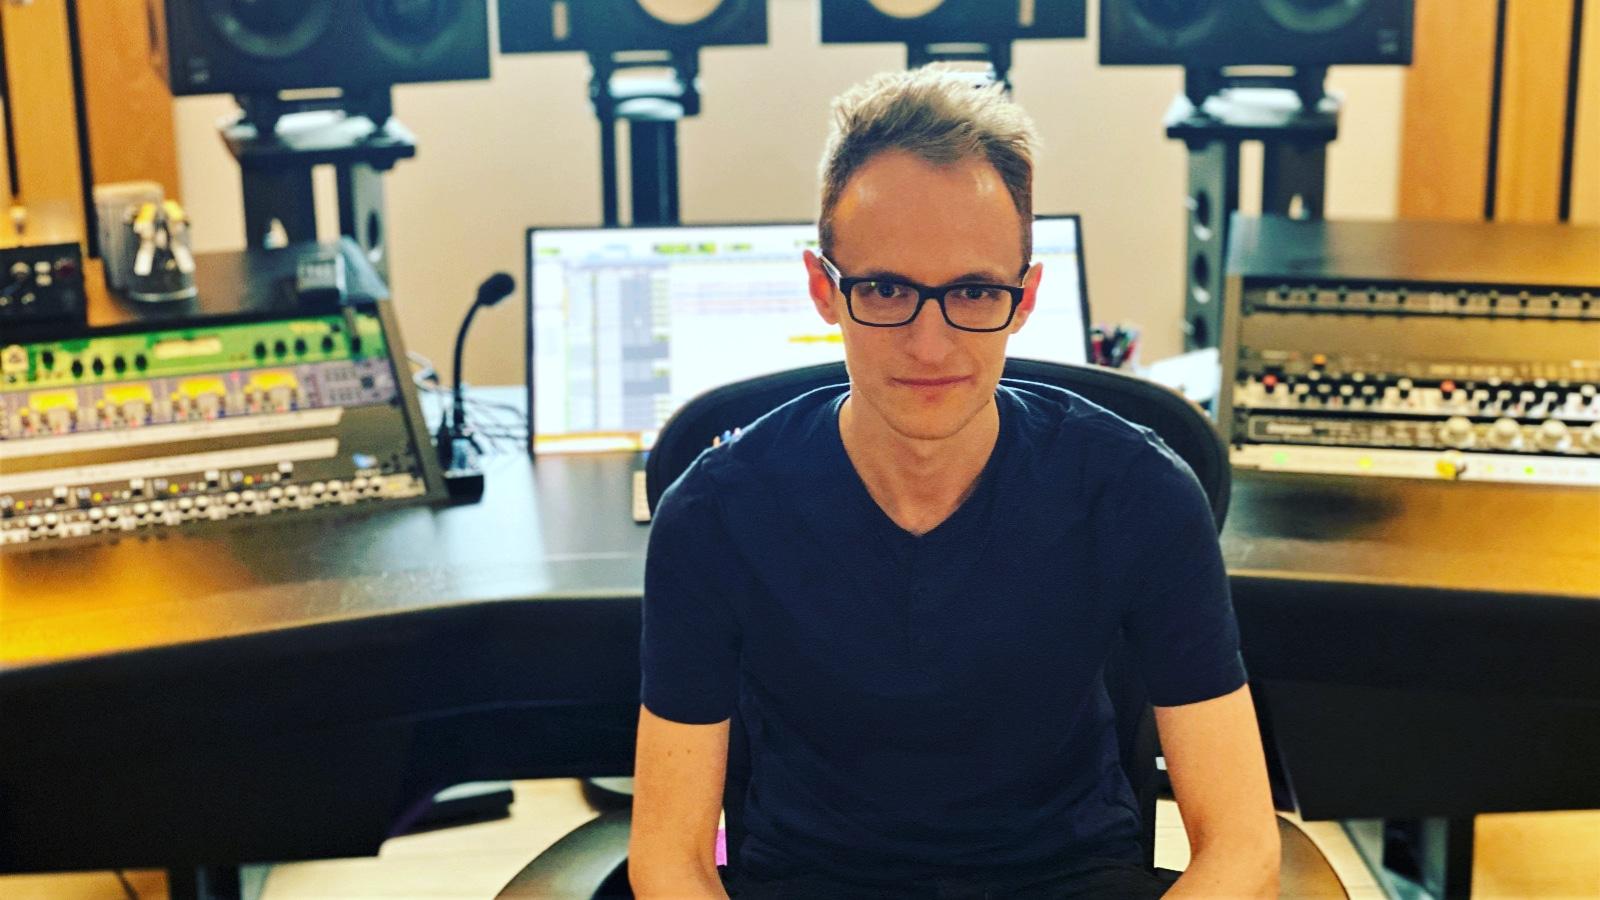 joe crow the audio pro in recording studio